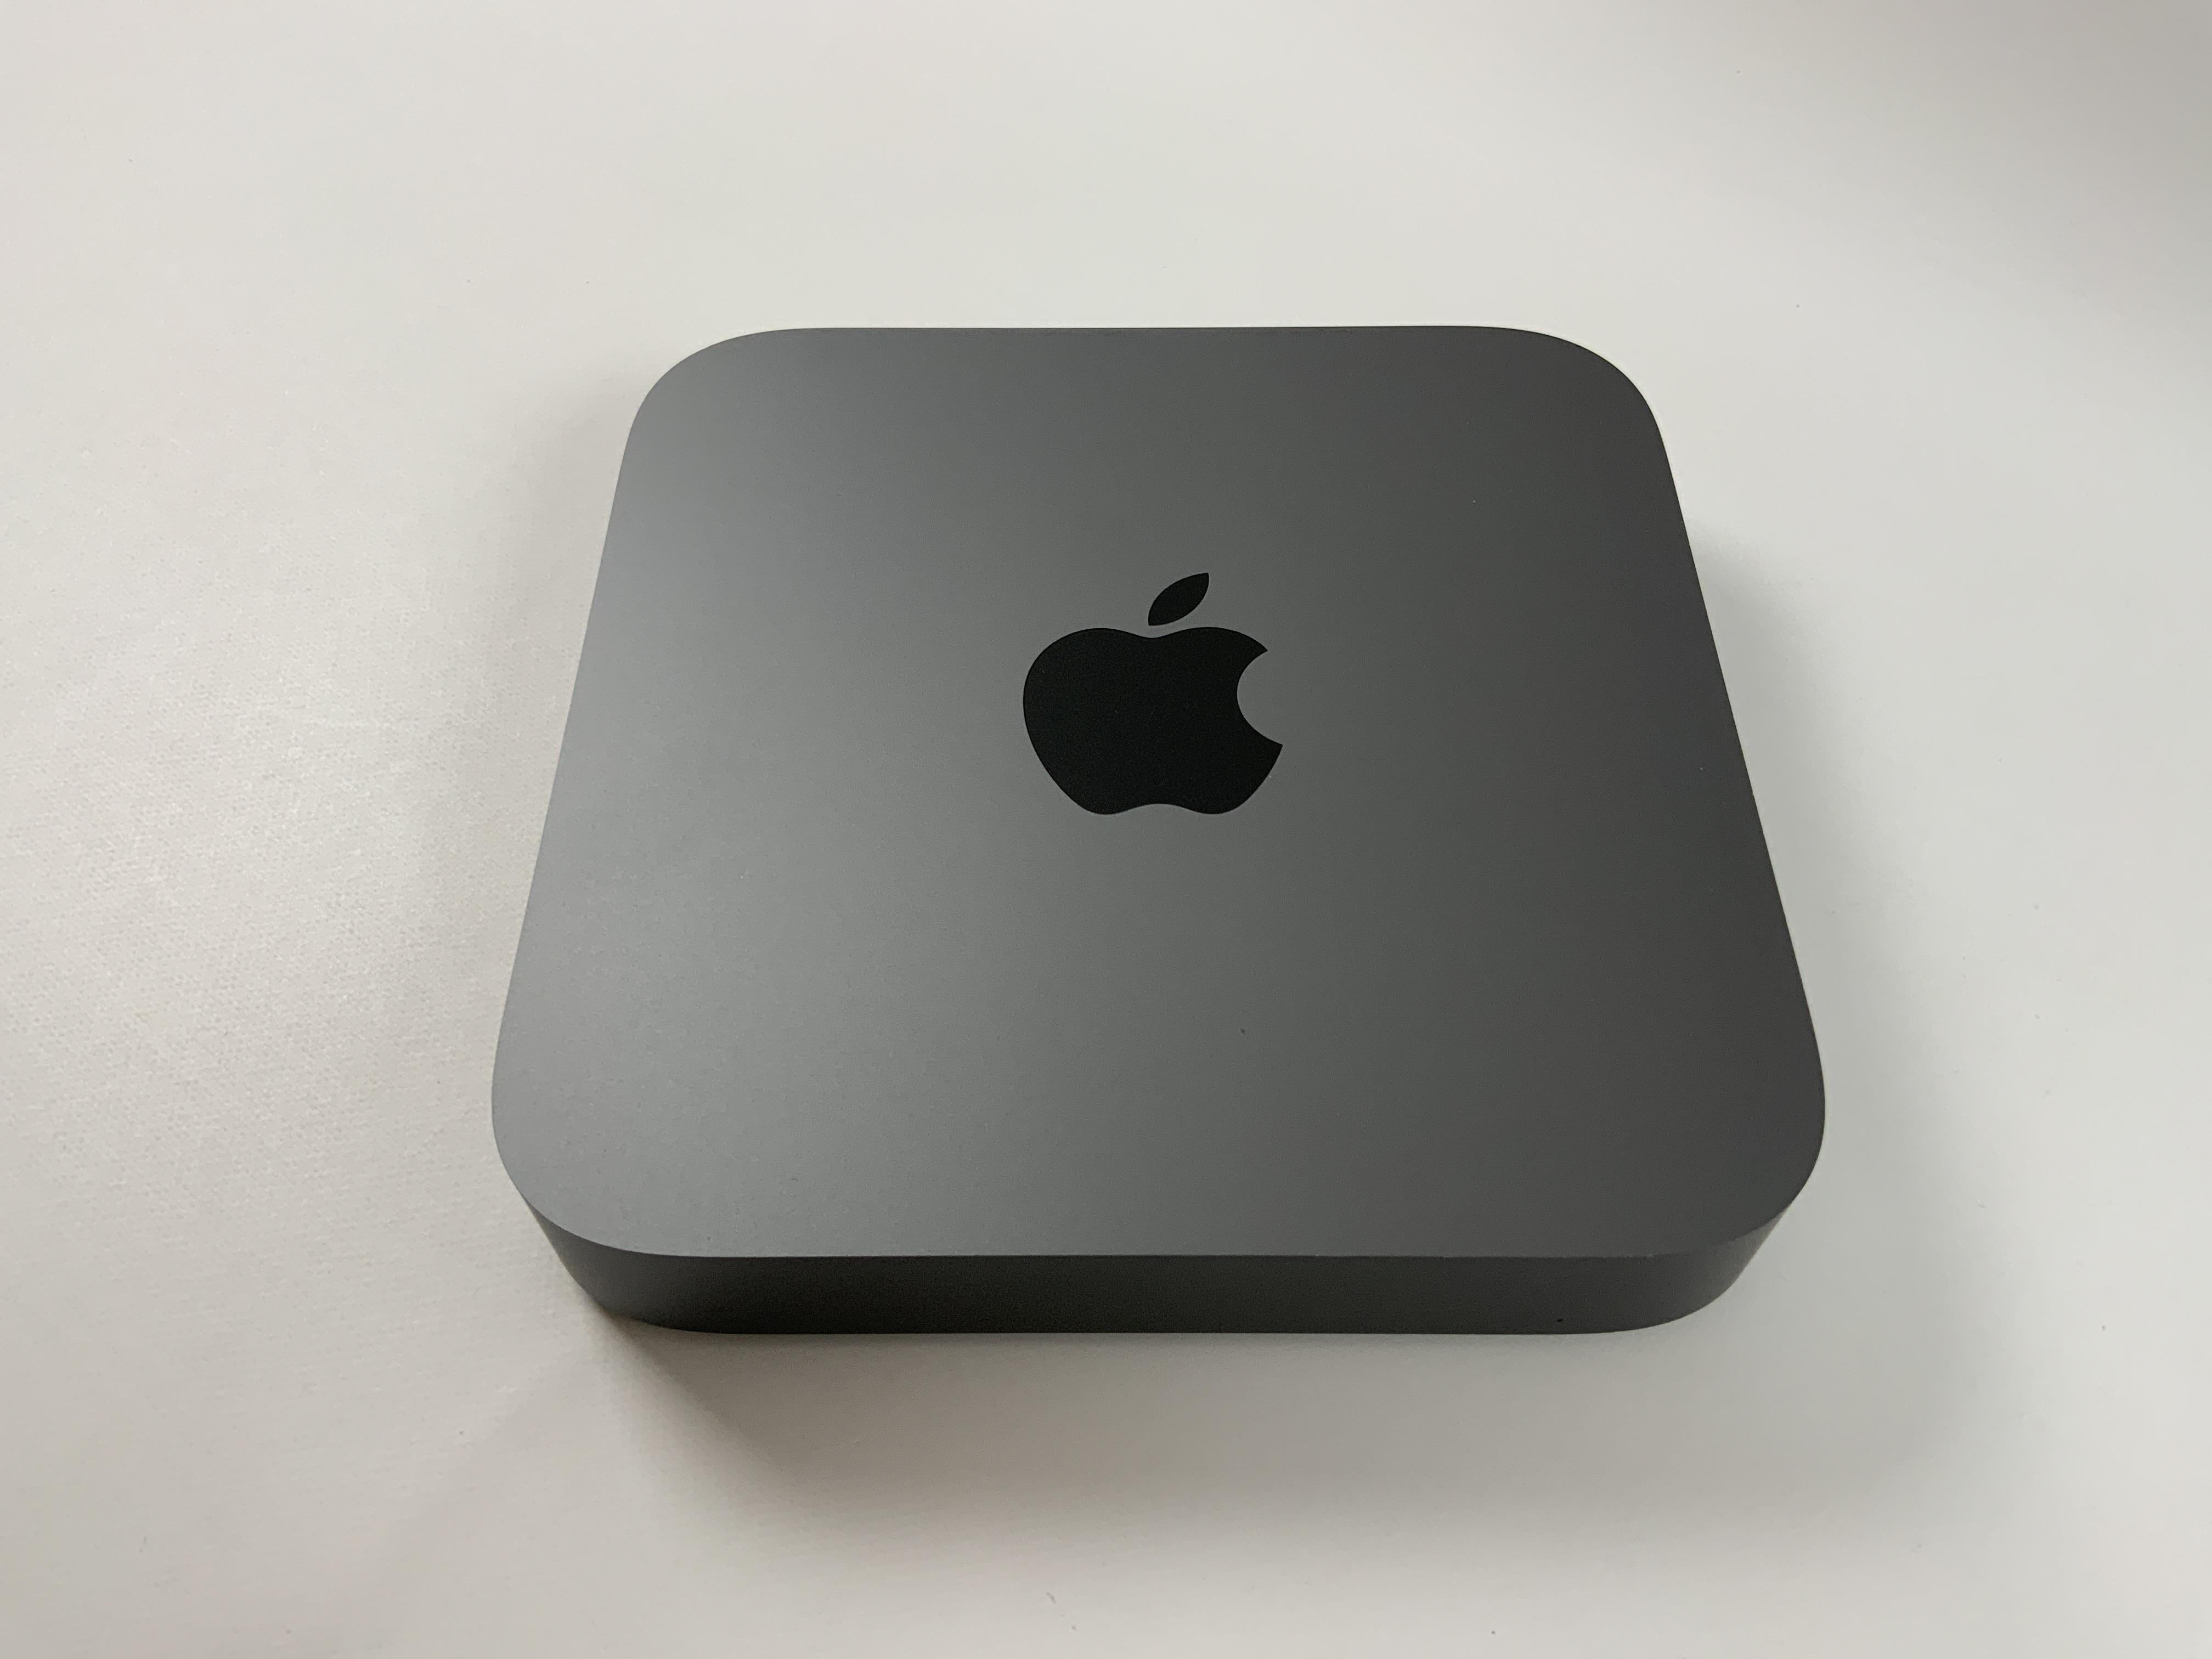 Mac Mini Late 2018 (Intel Quad-Core i3 3.6 GHz 8 GB RAM 128 GB SSD), Intel Quad-Core i3 3.6 GHz, 8 GB RAM, 128 GB SSD, Afbeelding 1